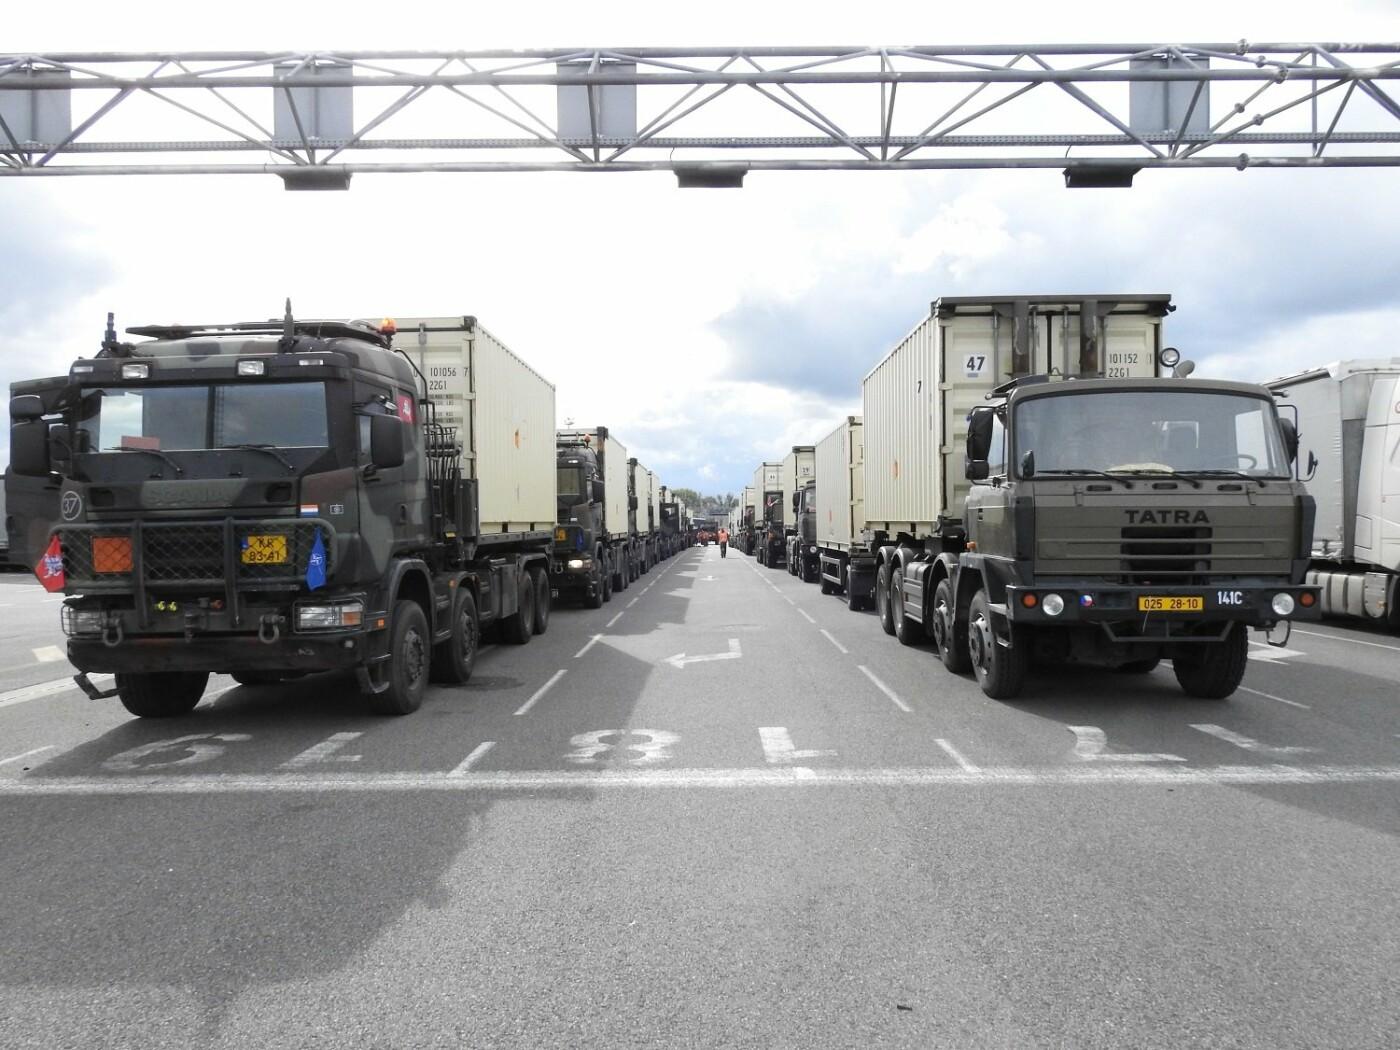 Belgijos kariuomenės konvojus pasipuošė Vyčiu , nuotrauka-5